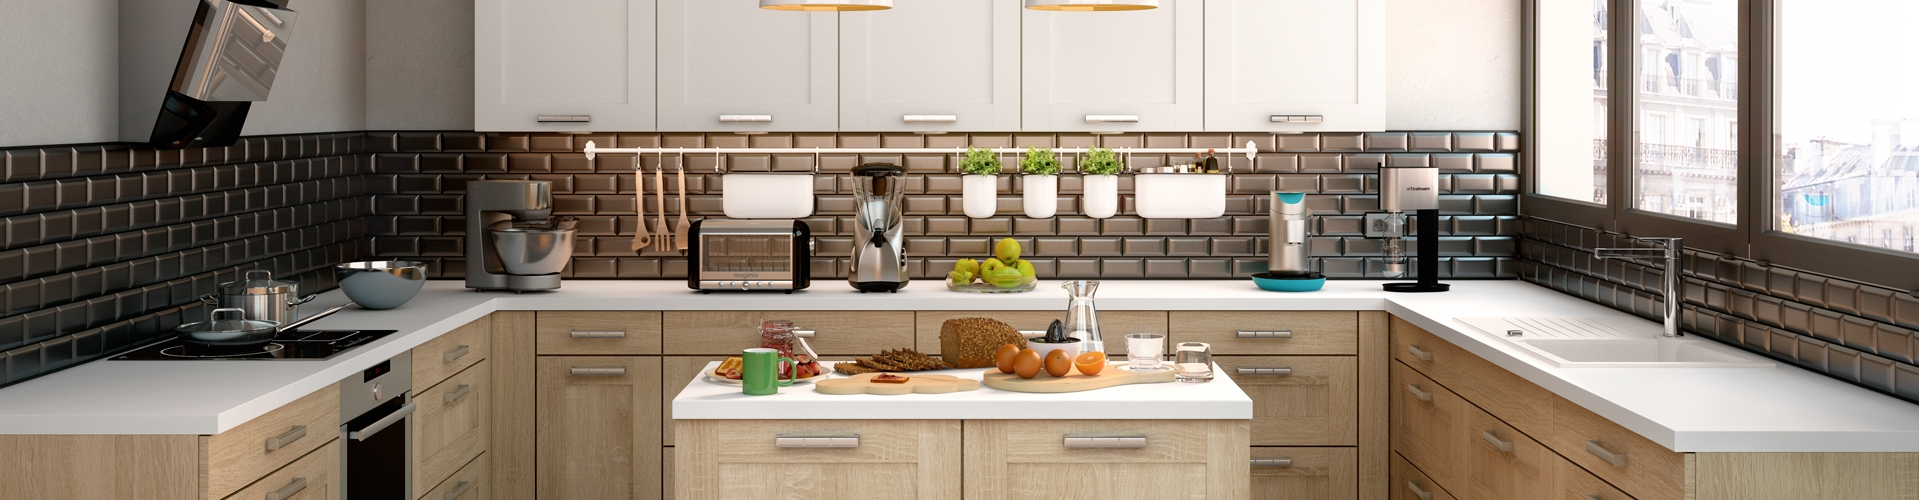 Cuisine quip e devis en ligne maison moderne - Combien coute une cuisine equipee ...